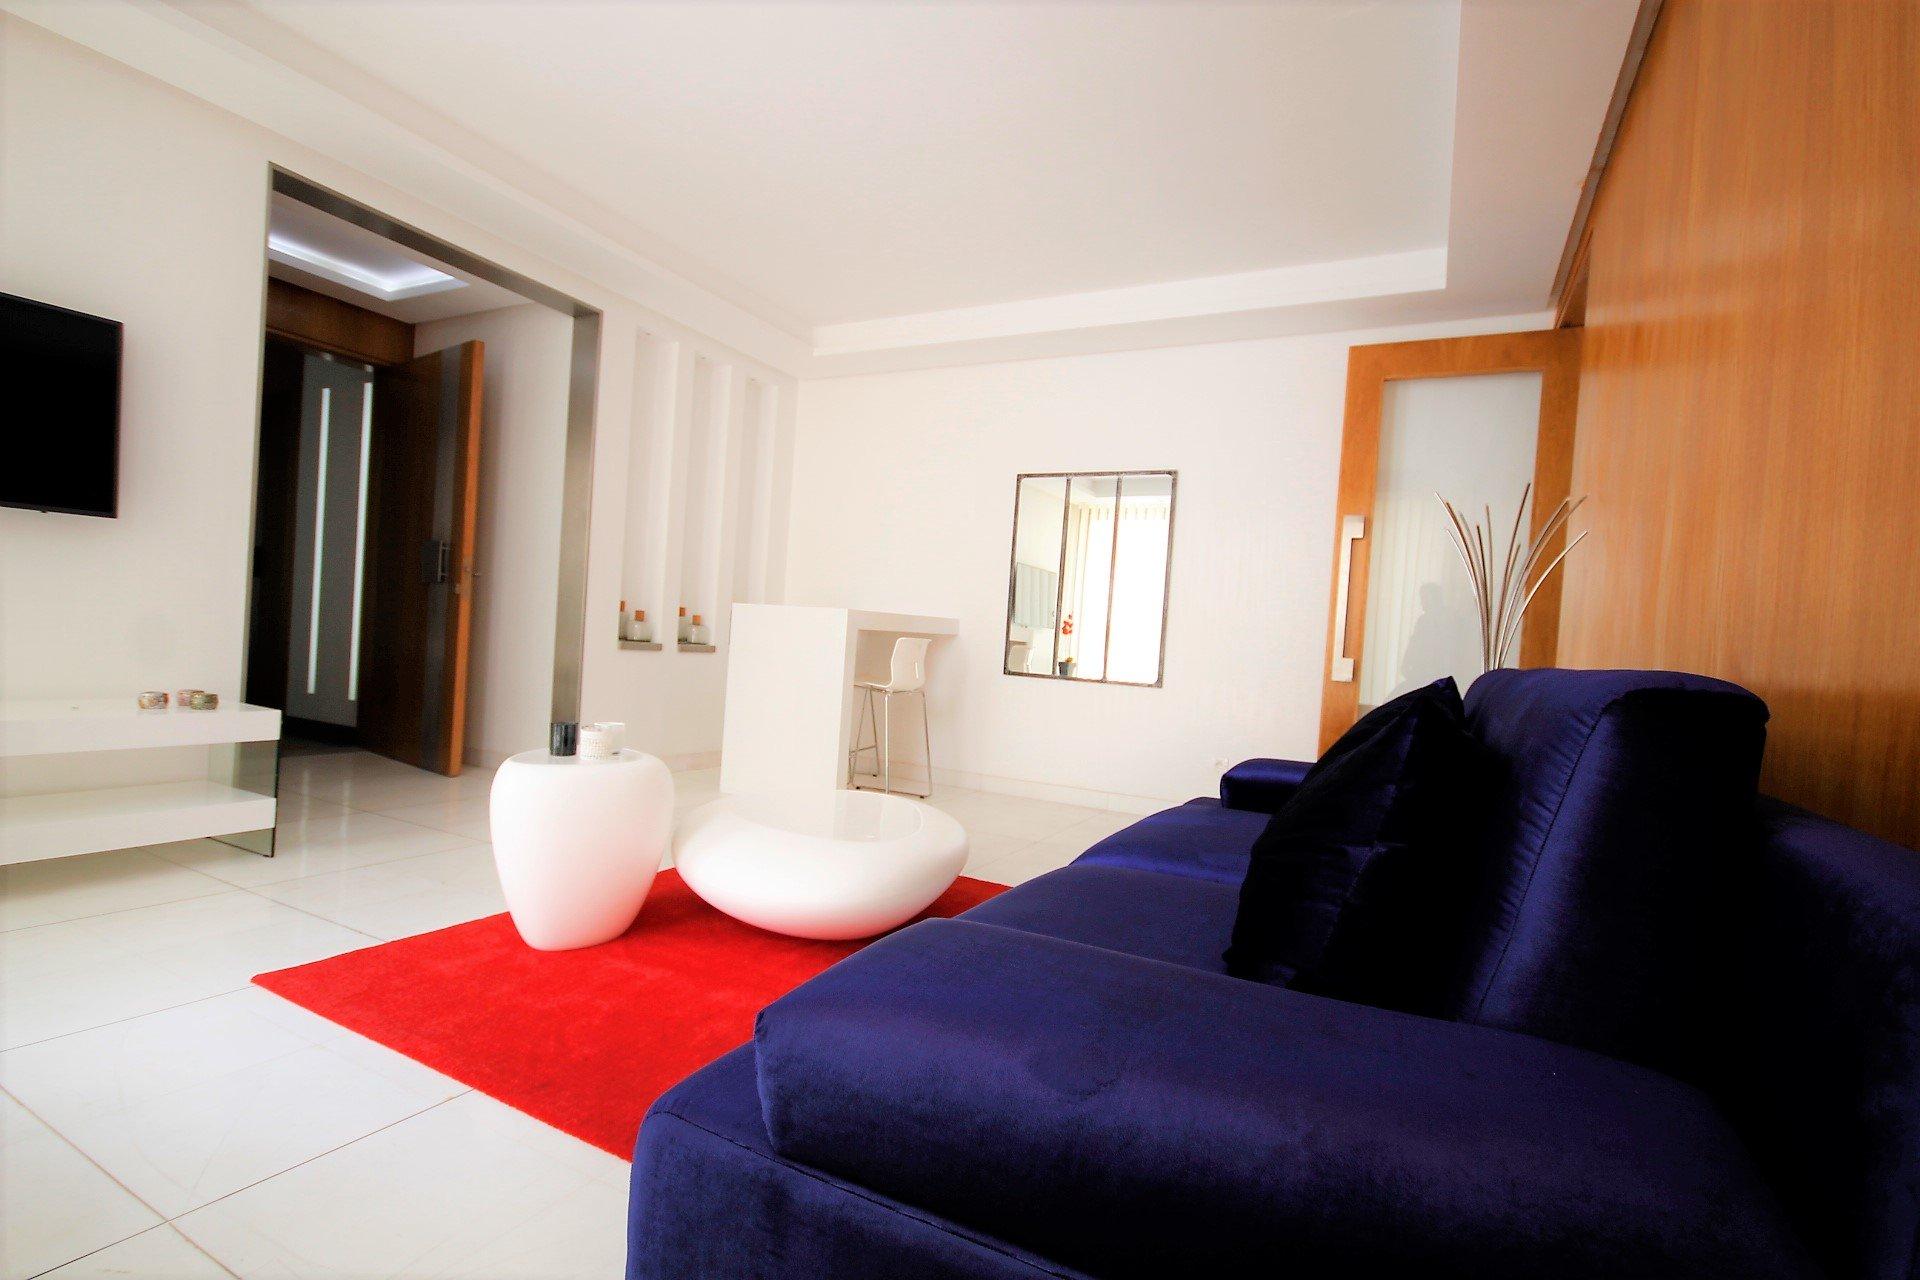 Maroc, Casablanca, Triangle d'Or, loue luxueux appartement meublé, 2 chambres